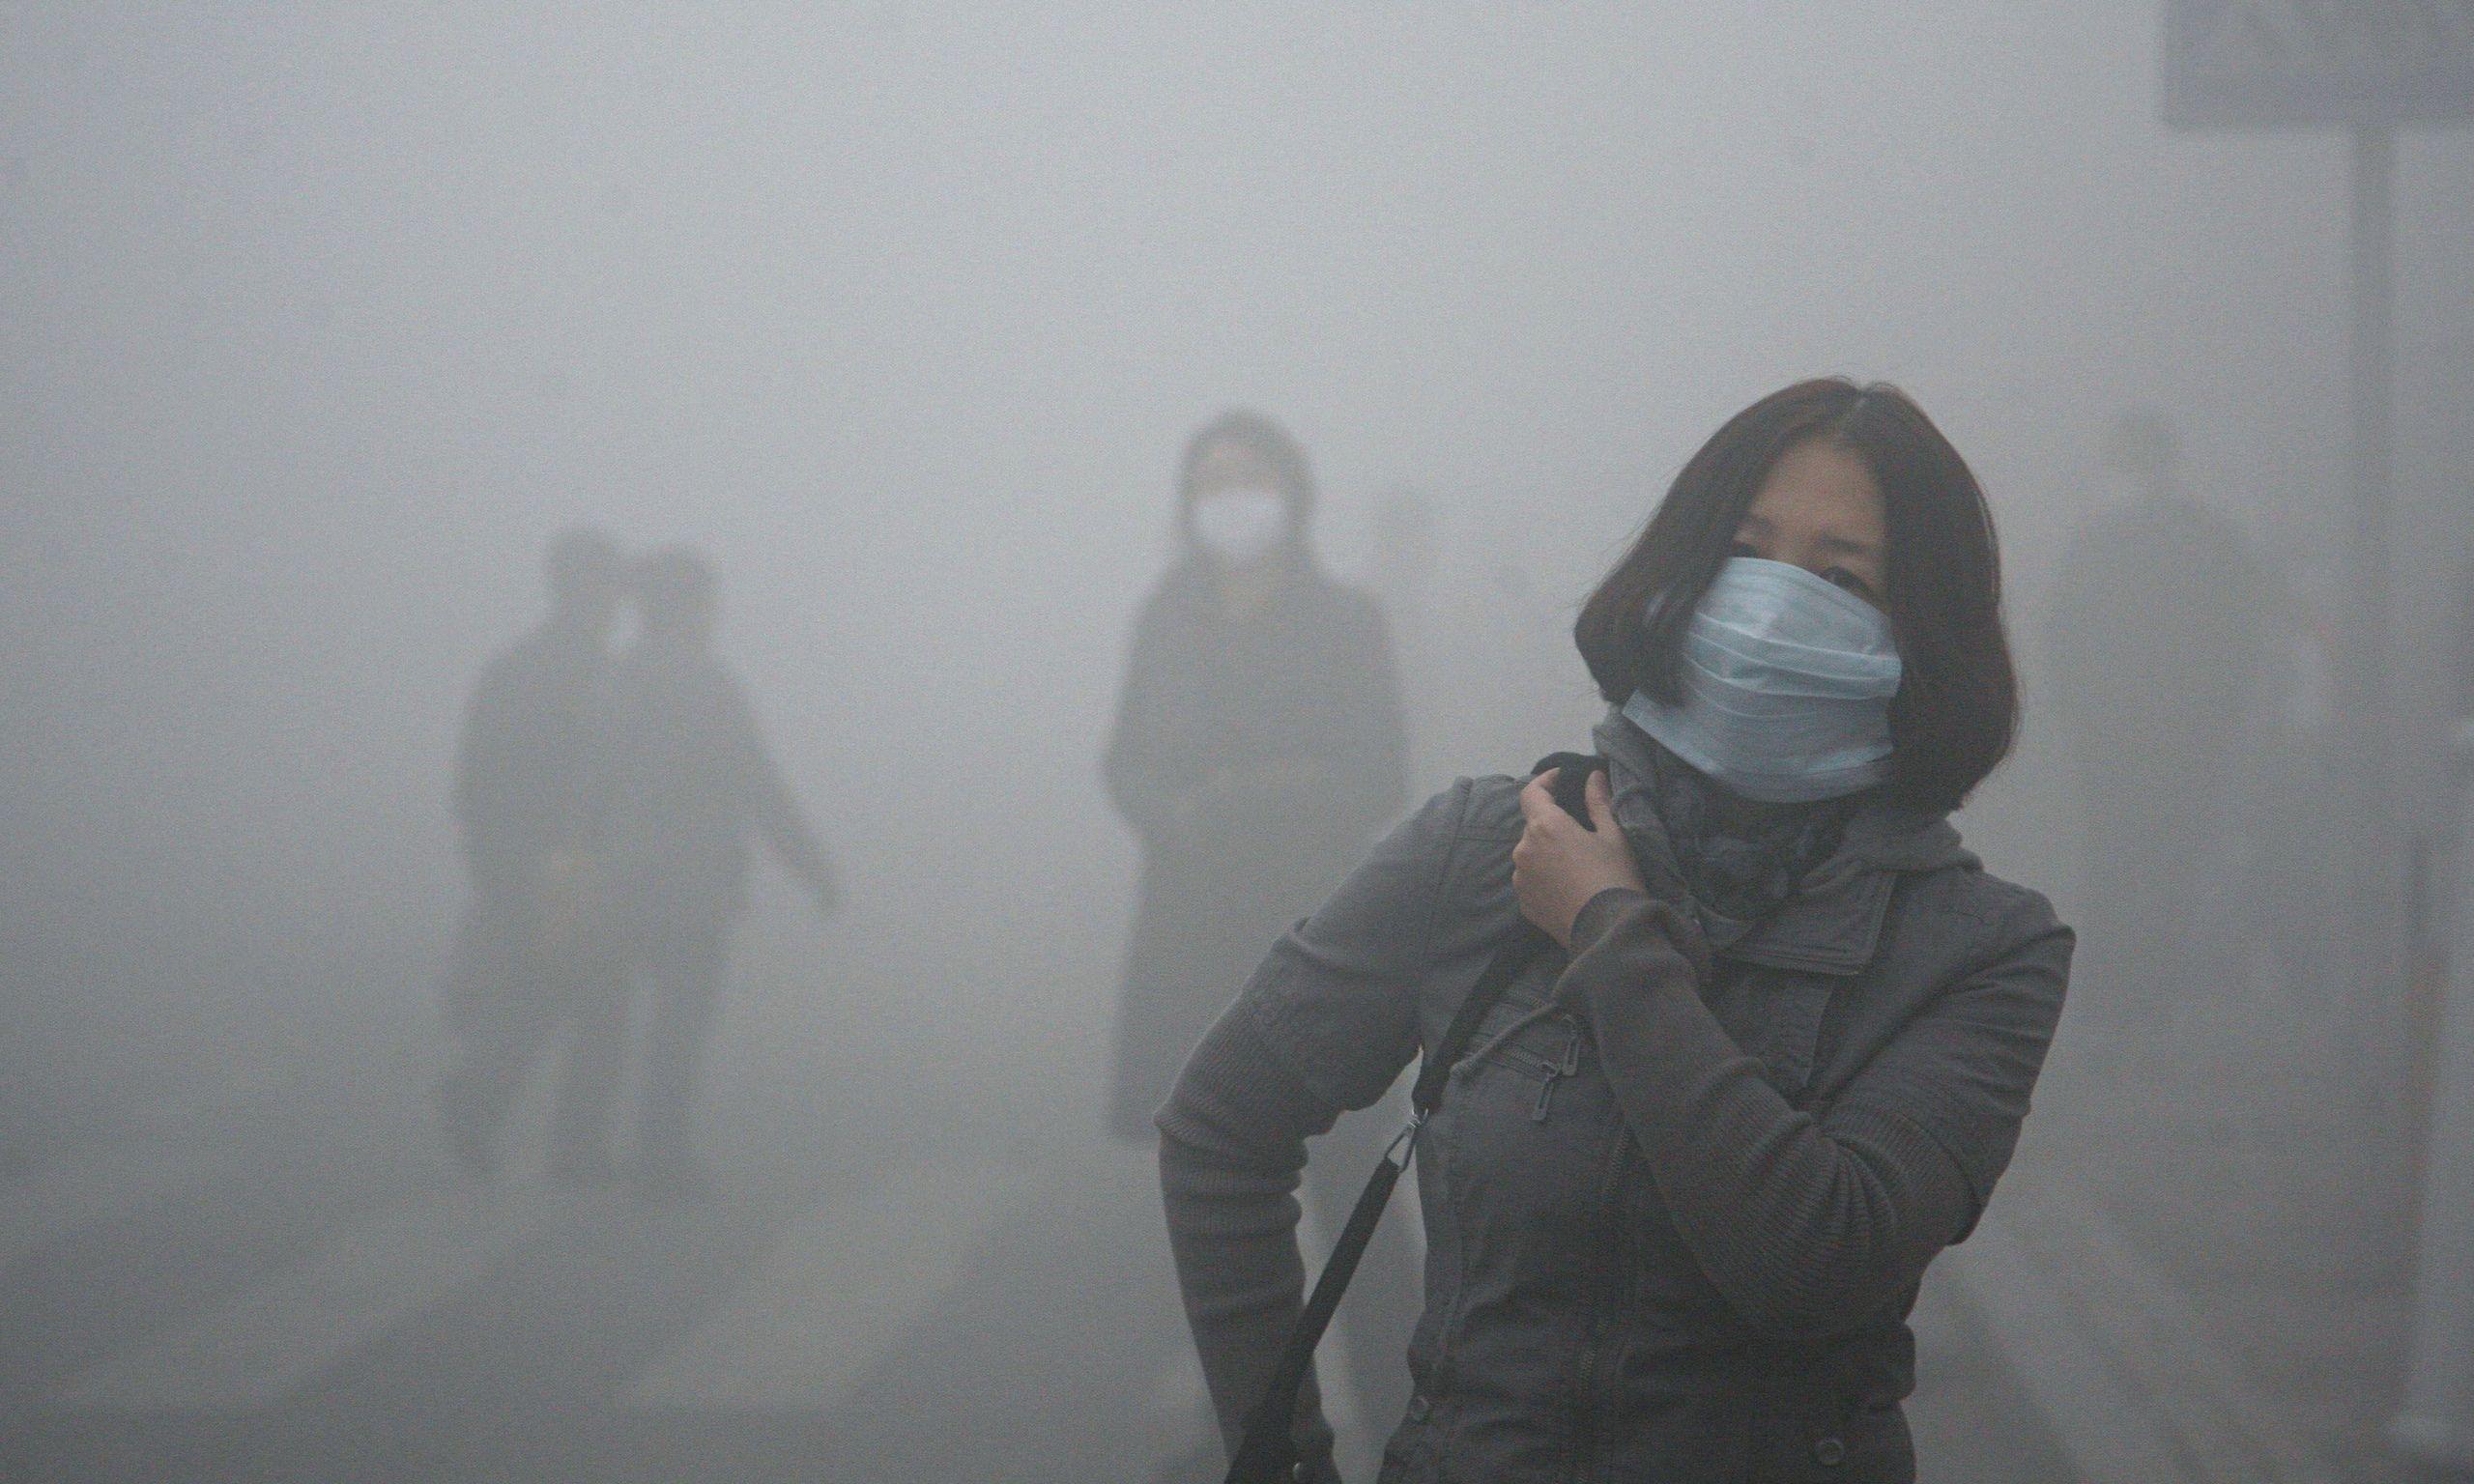 beijing people smog Dystopian film cities Pinterest